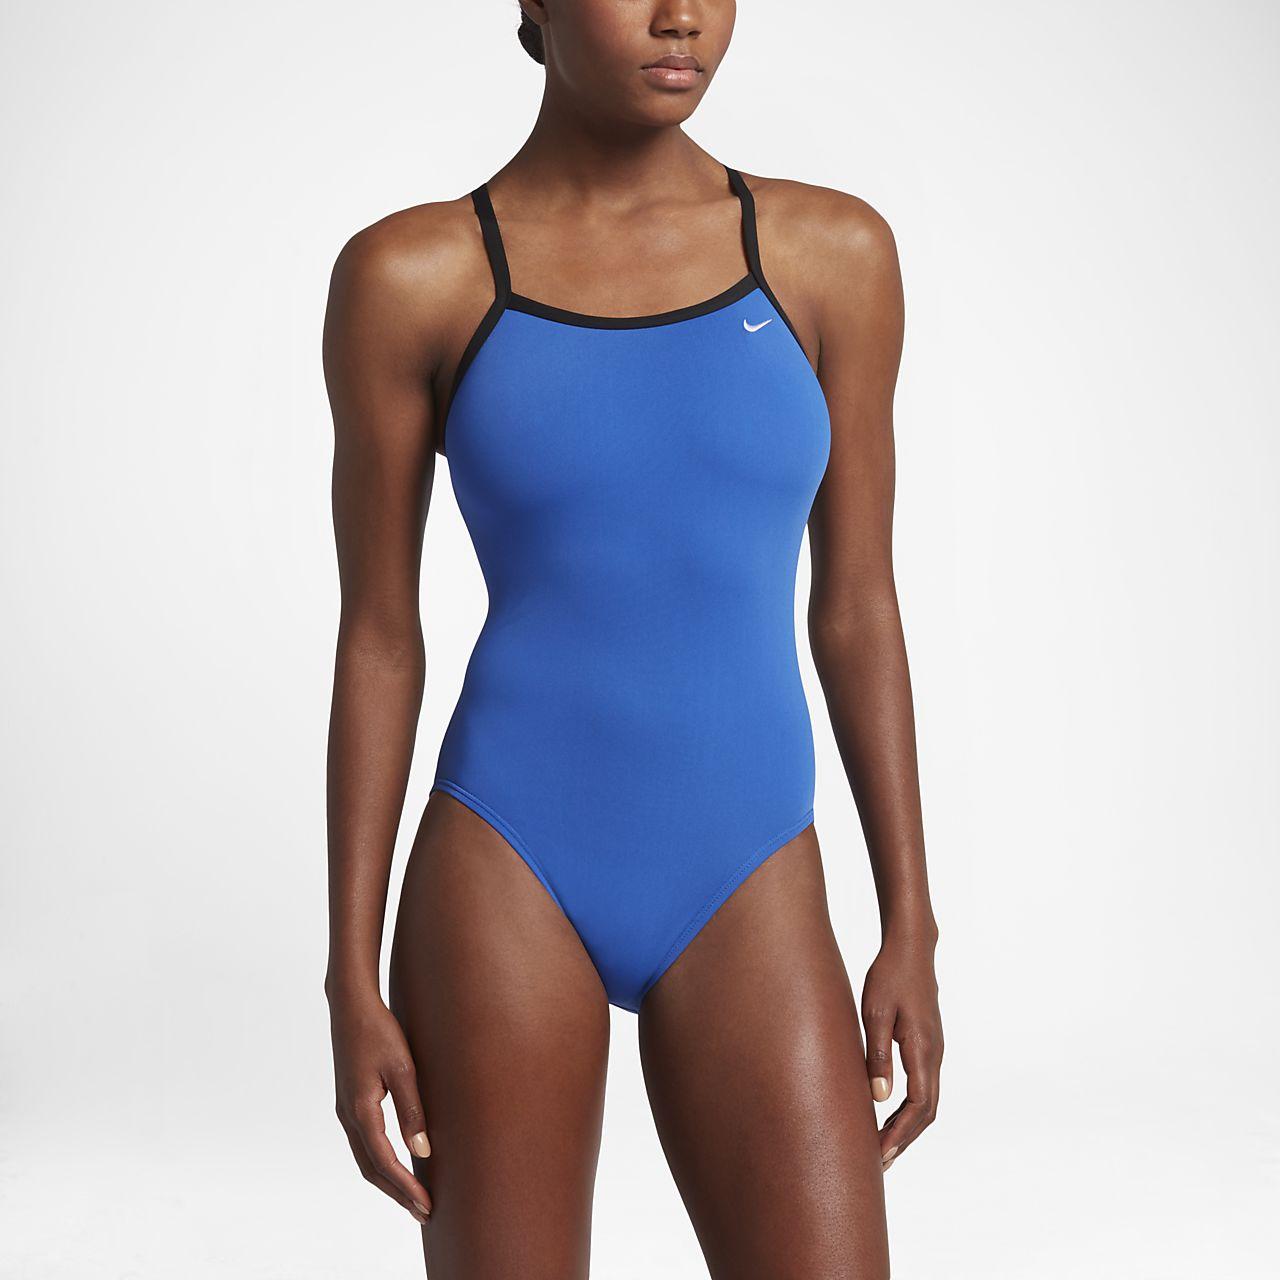 Nike HydraStrong Women's Swimsuit